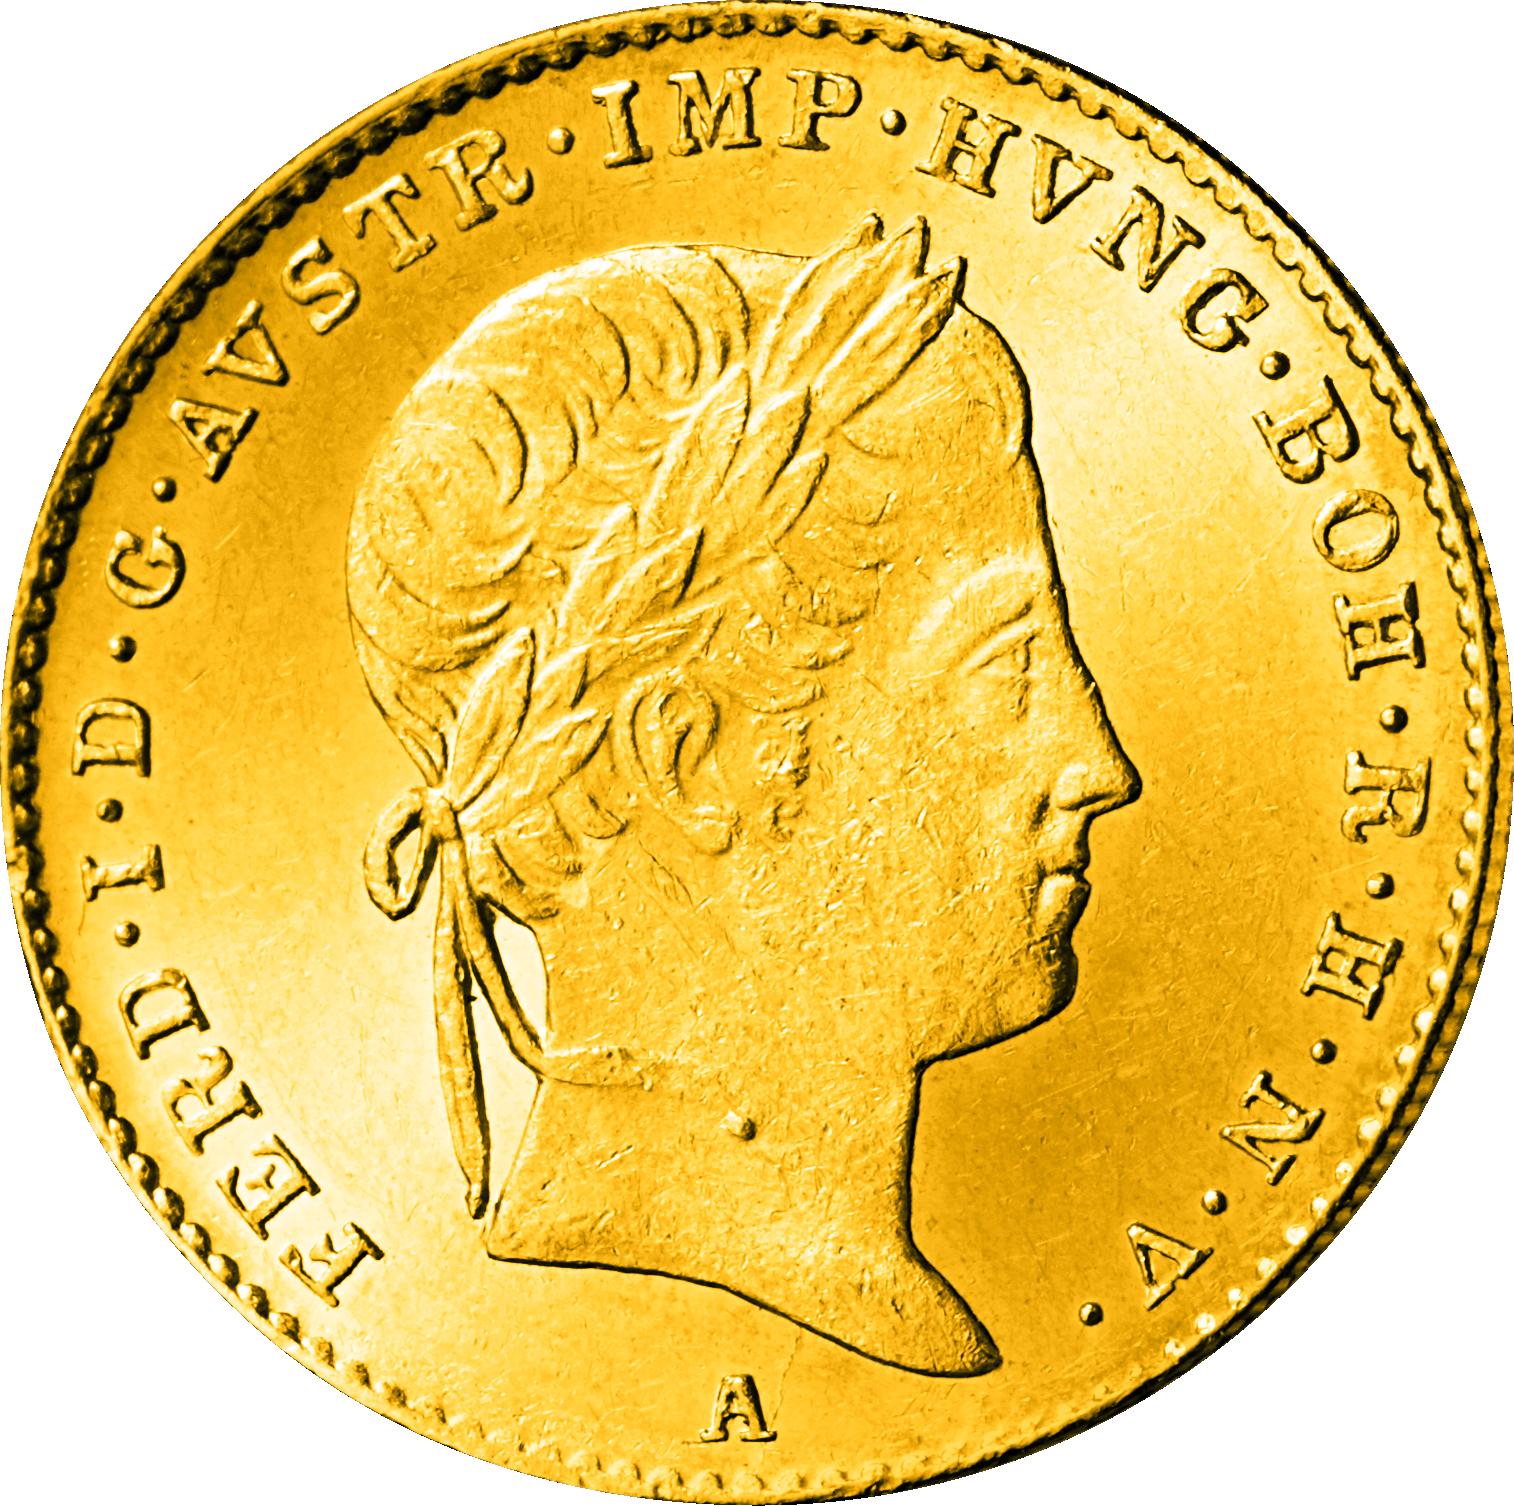 100 Todestag Franz Joseph I Mdm Deutsche Münze